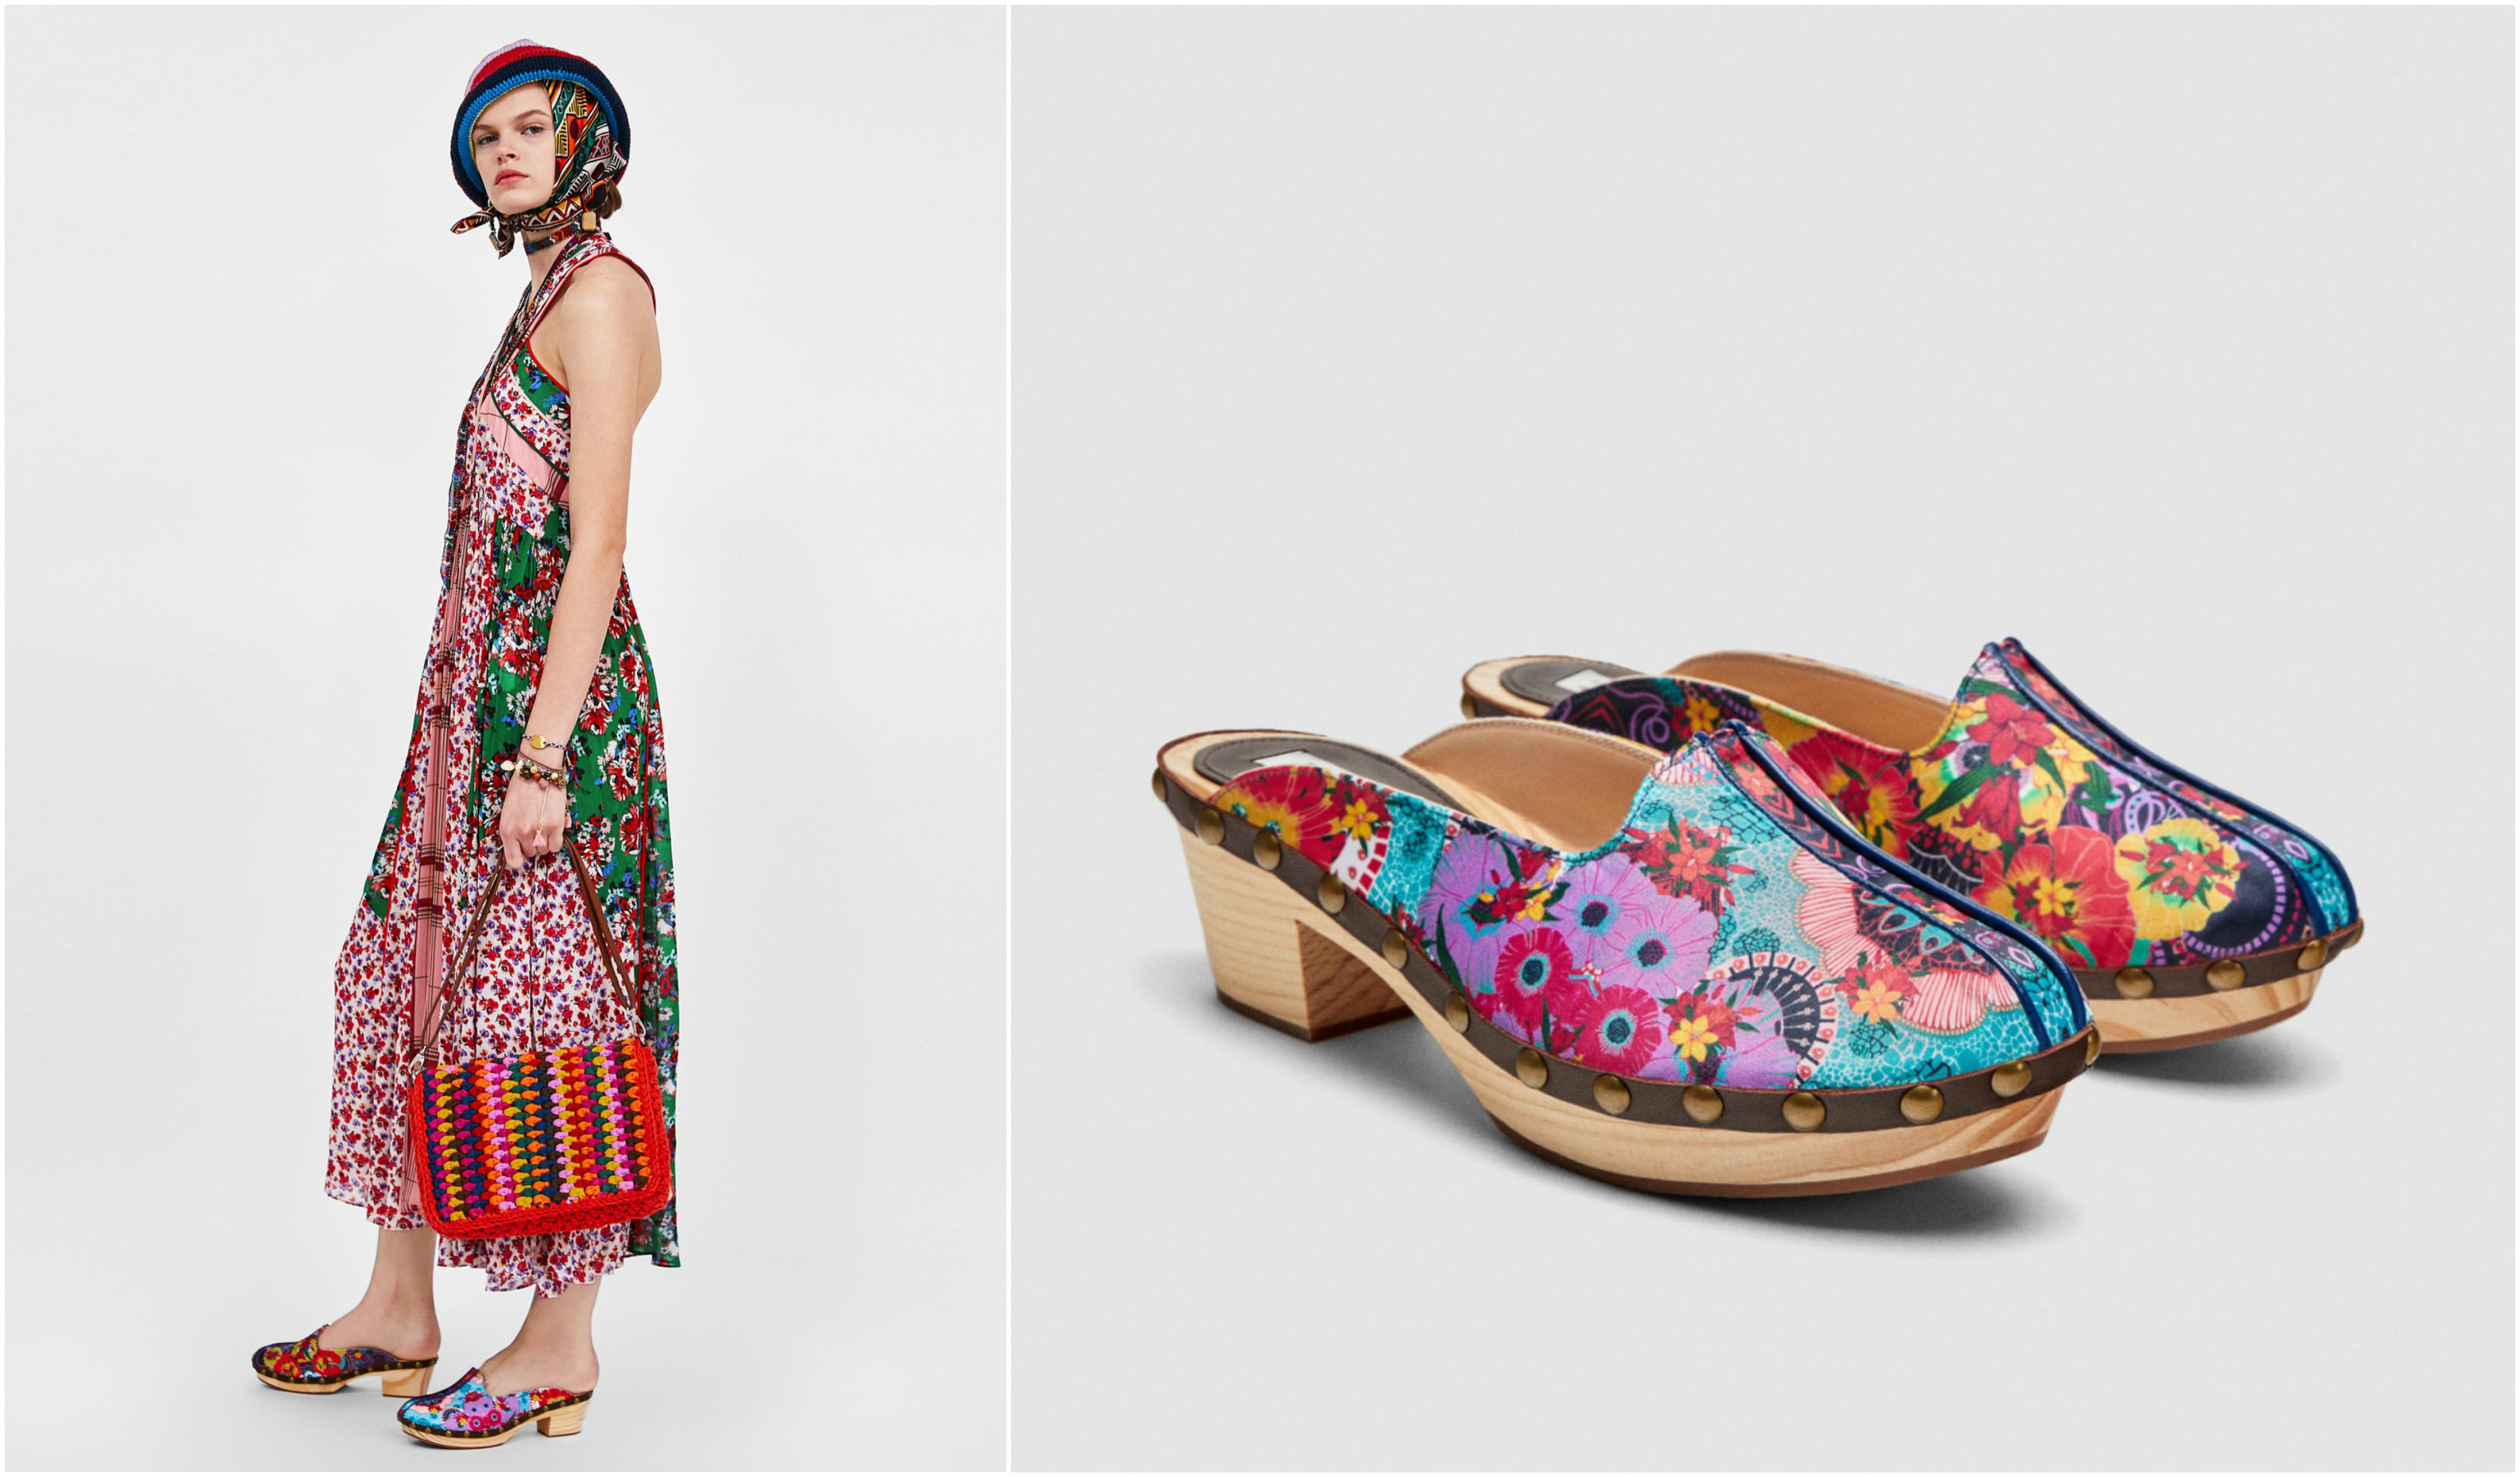 Dakle, Zara je u svoju ponudu uvrstila - klompe! I još neobičnih modela...